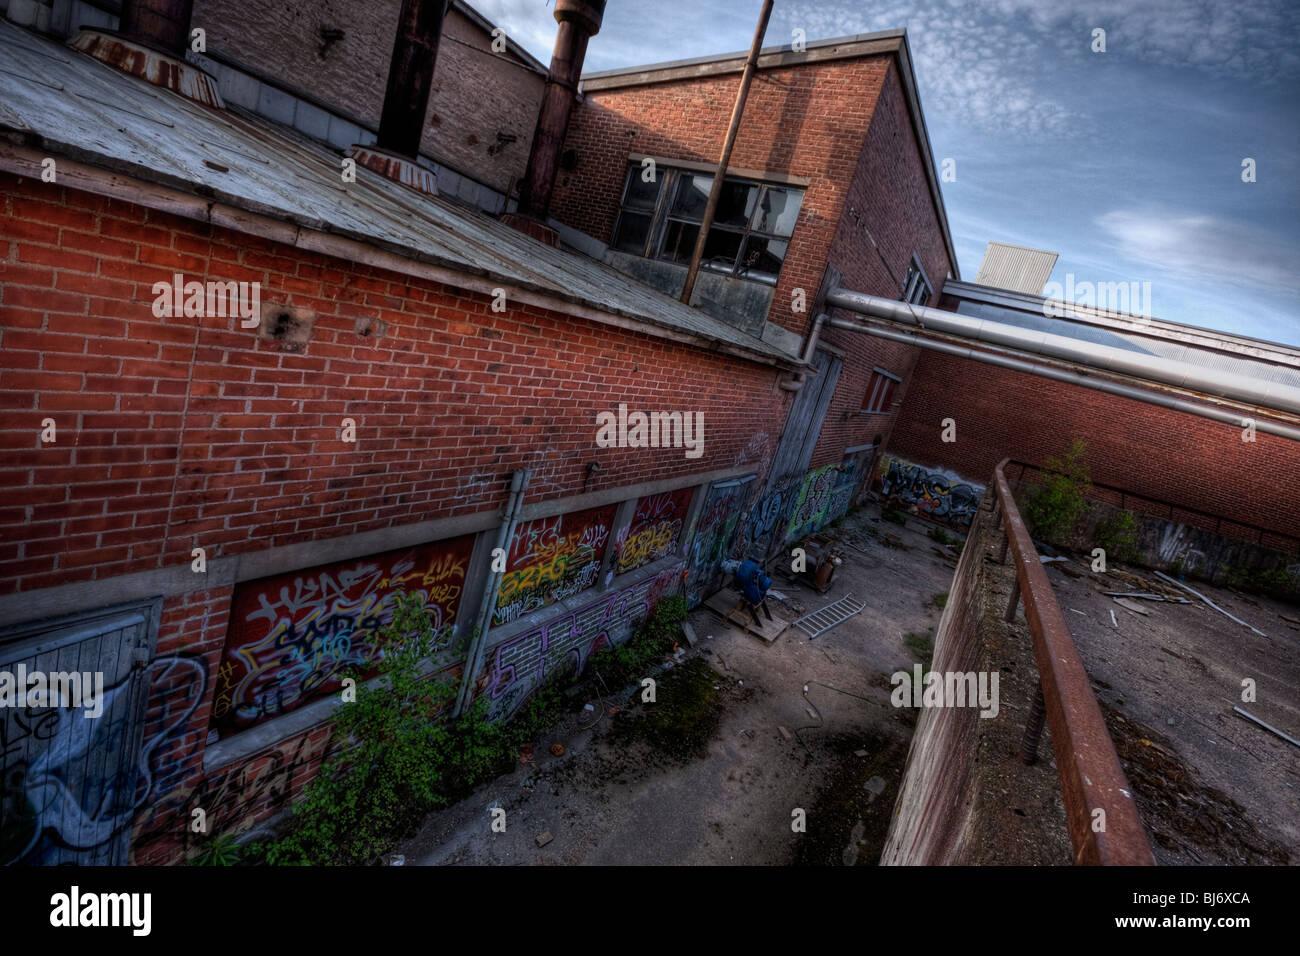 Abandoned warehouse - Stock Image